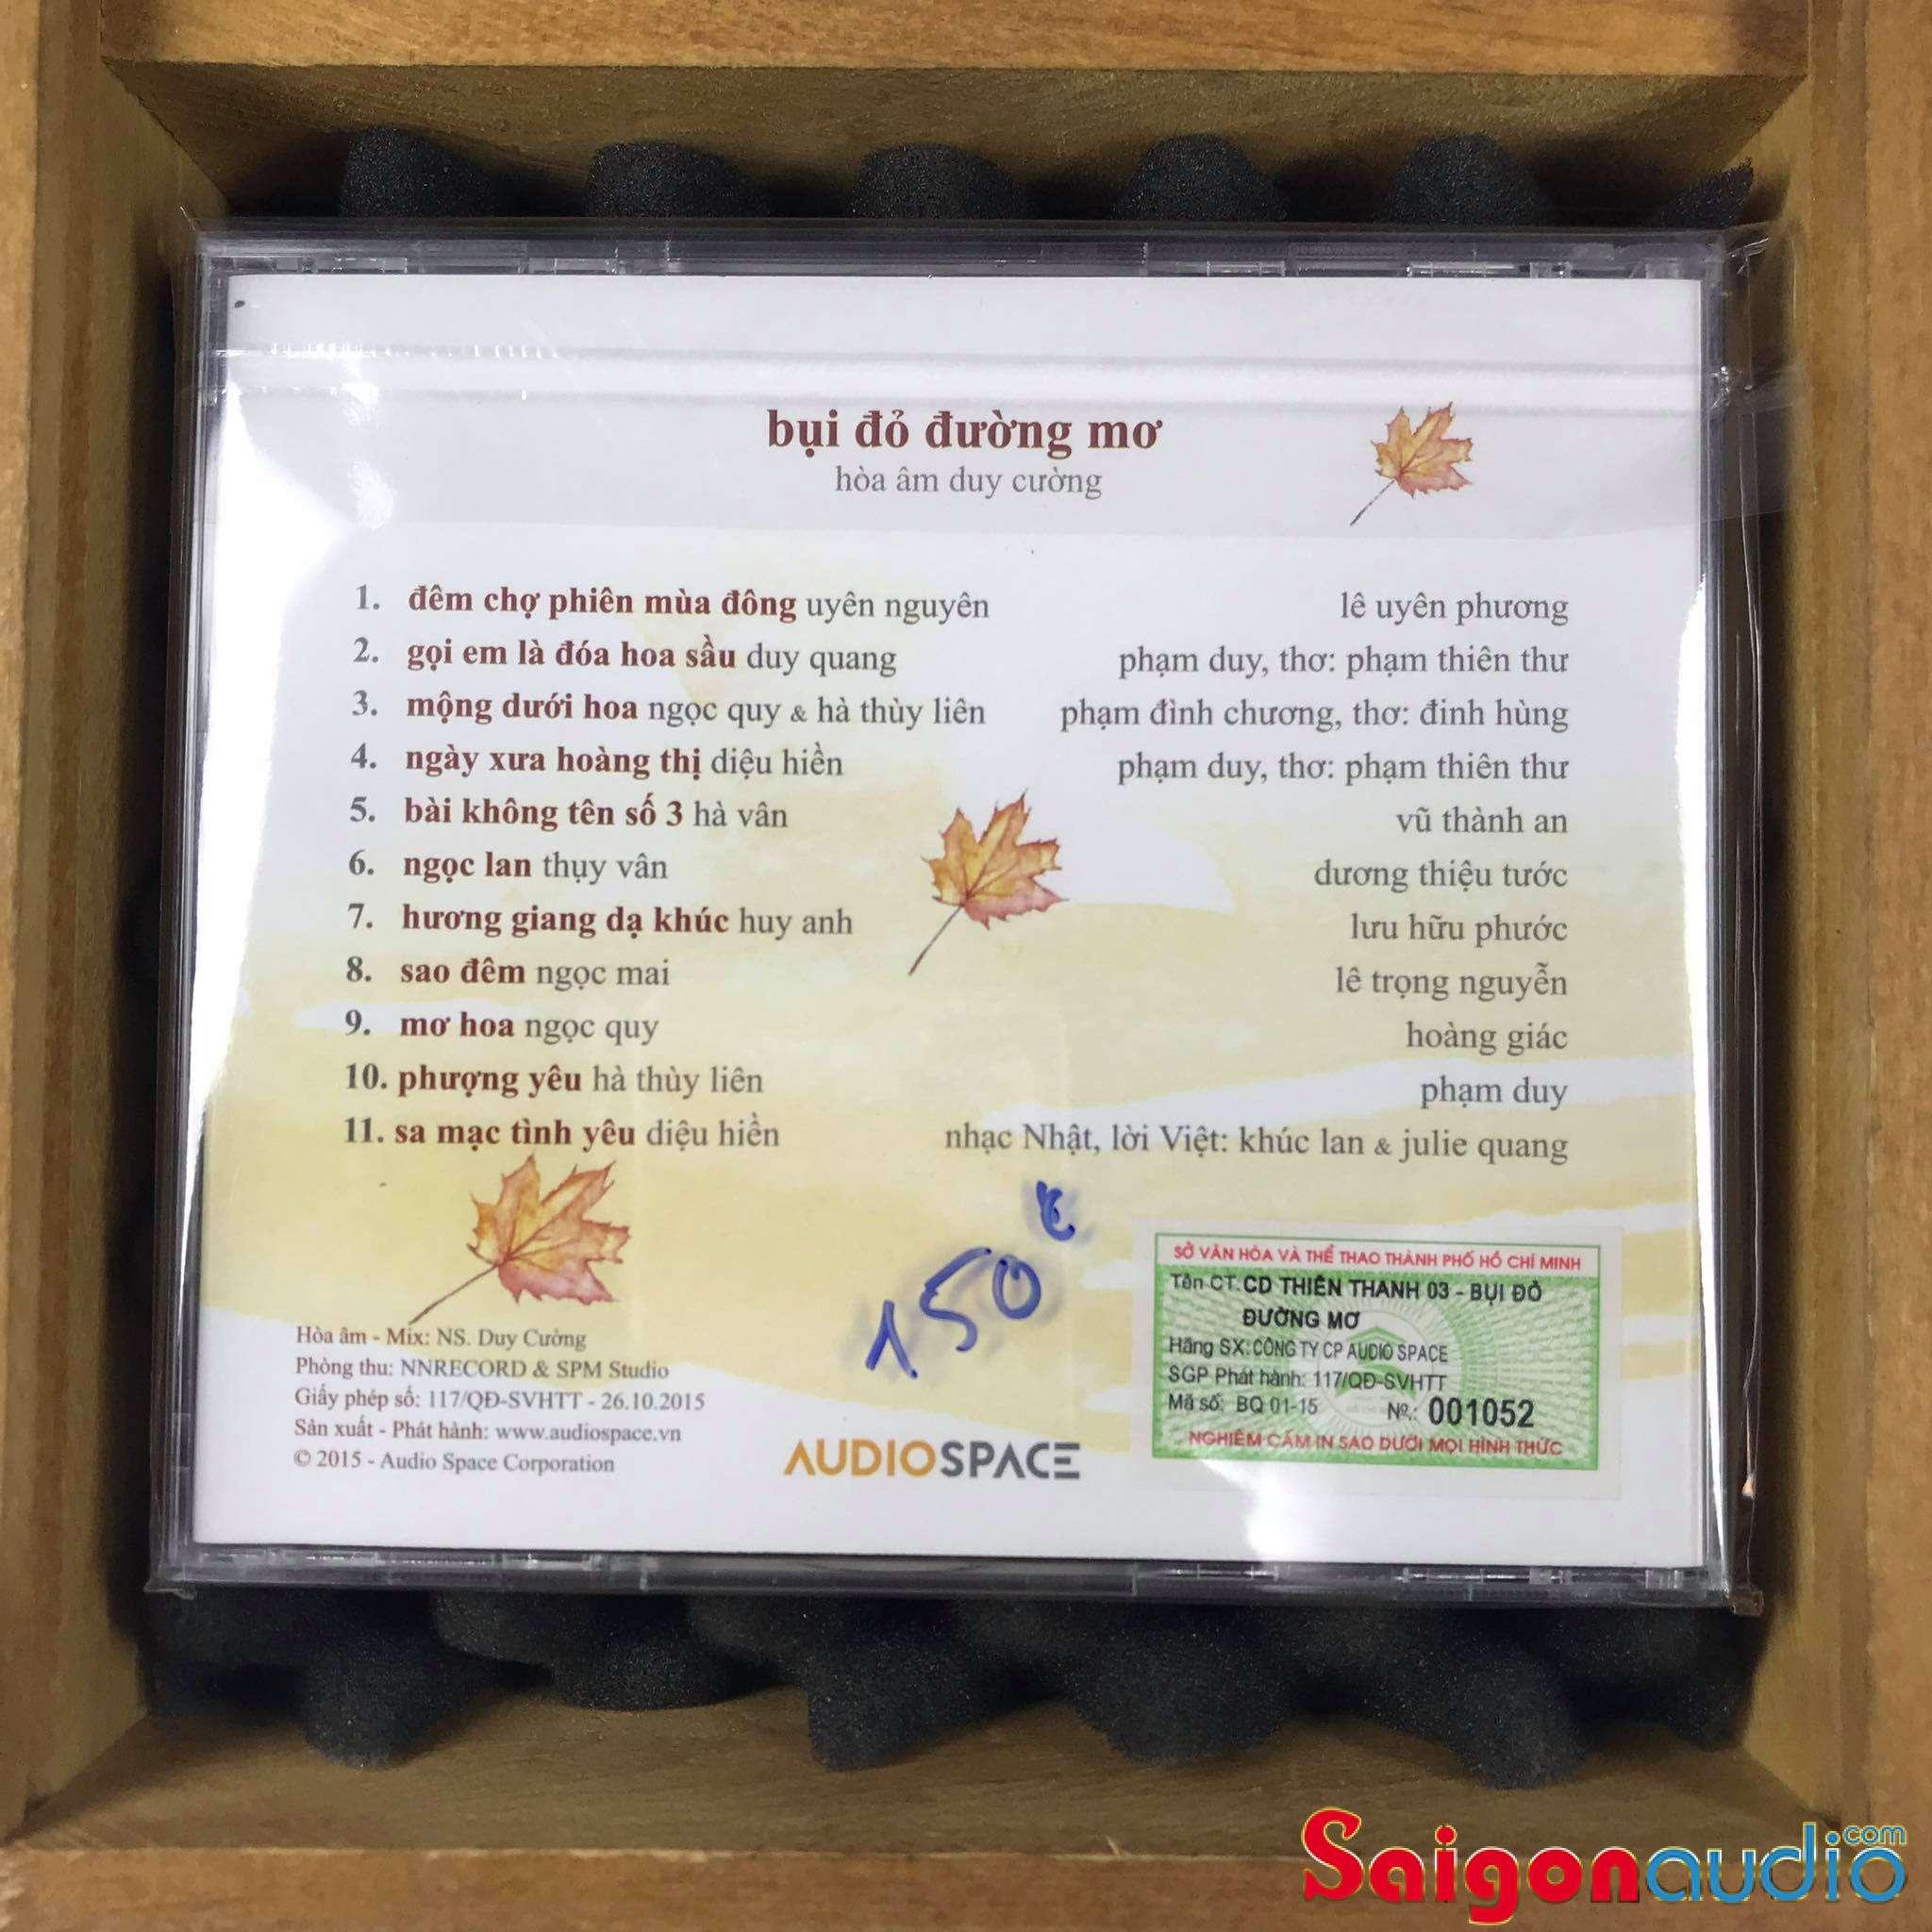 Đĩa CD nhạc gốc Hoà Âm Duy Cường - Bụi Đỏ Đường Mơ (Free ship khi mua 2 đĩa CD cùng hoặc khác loại)